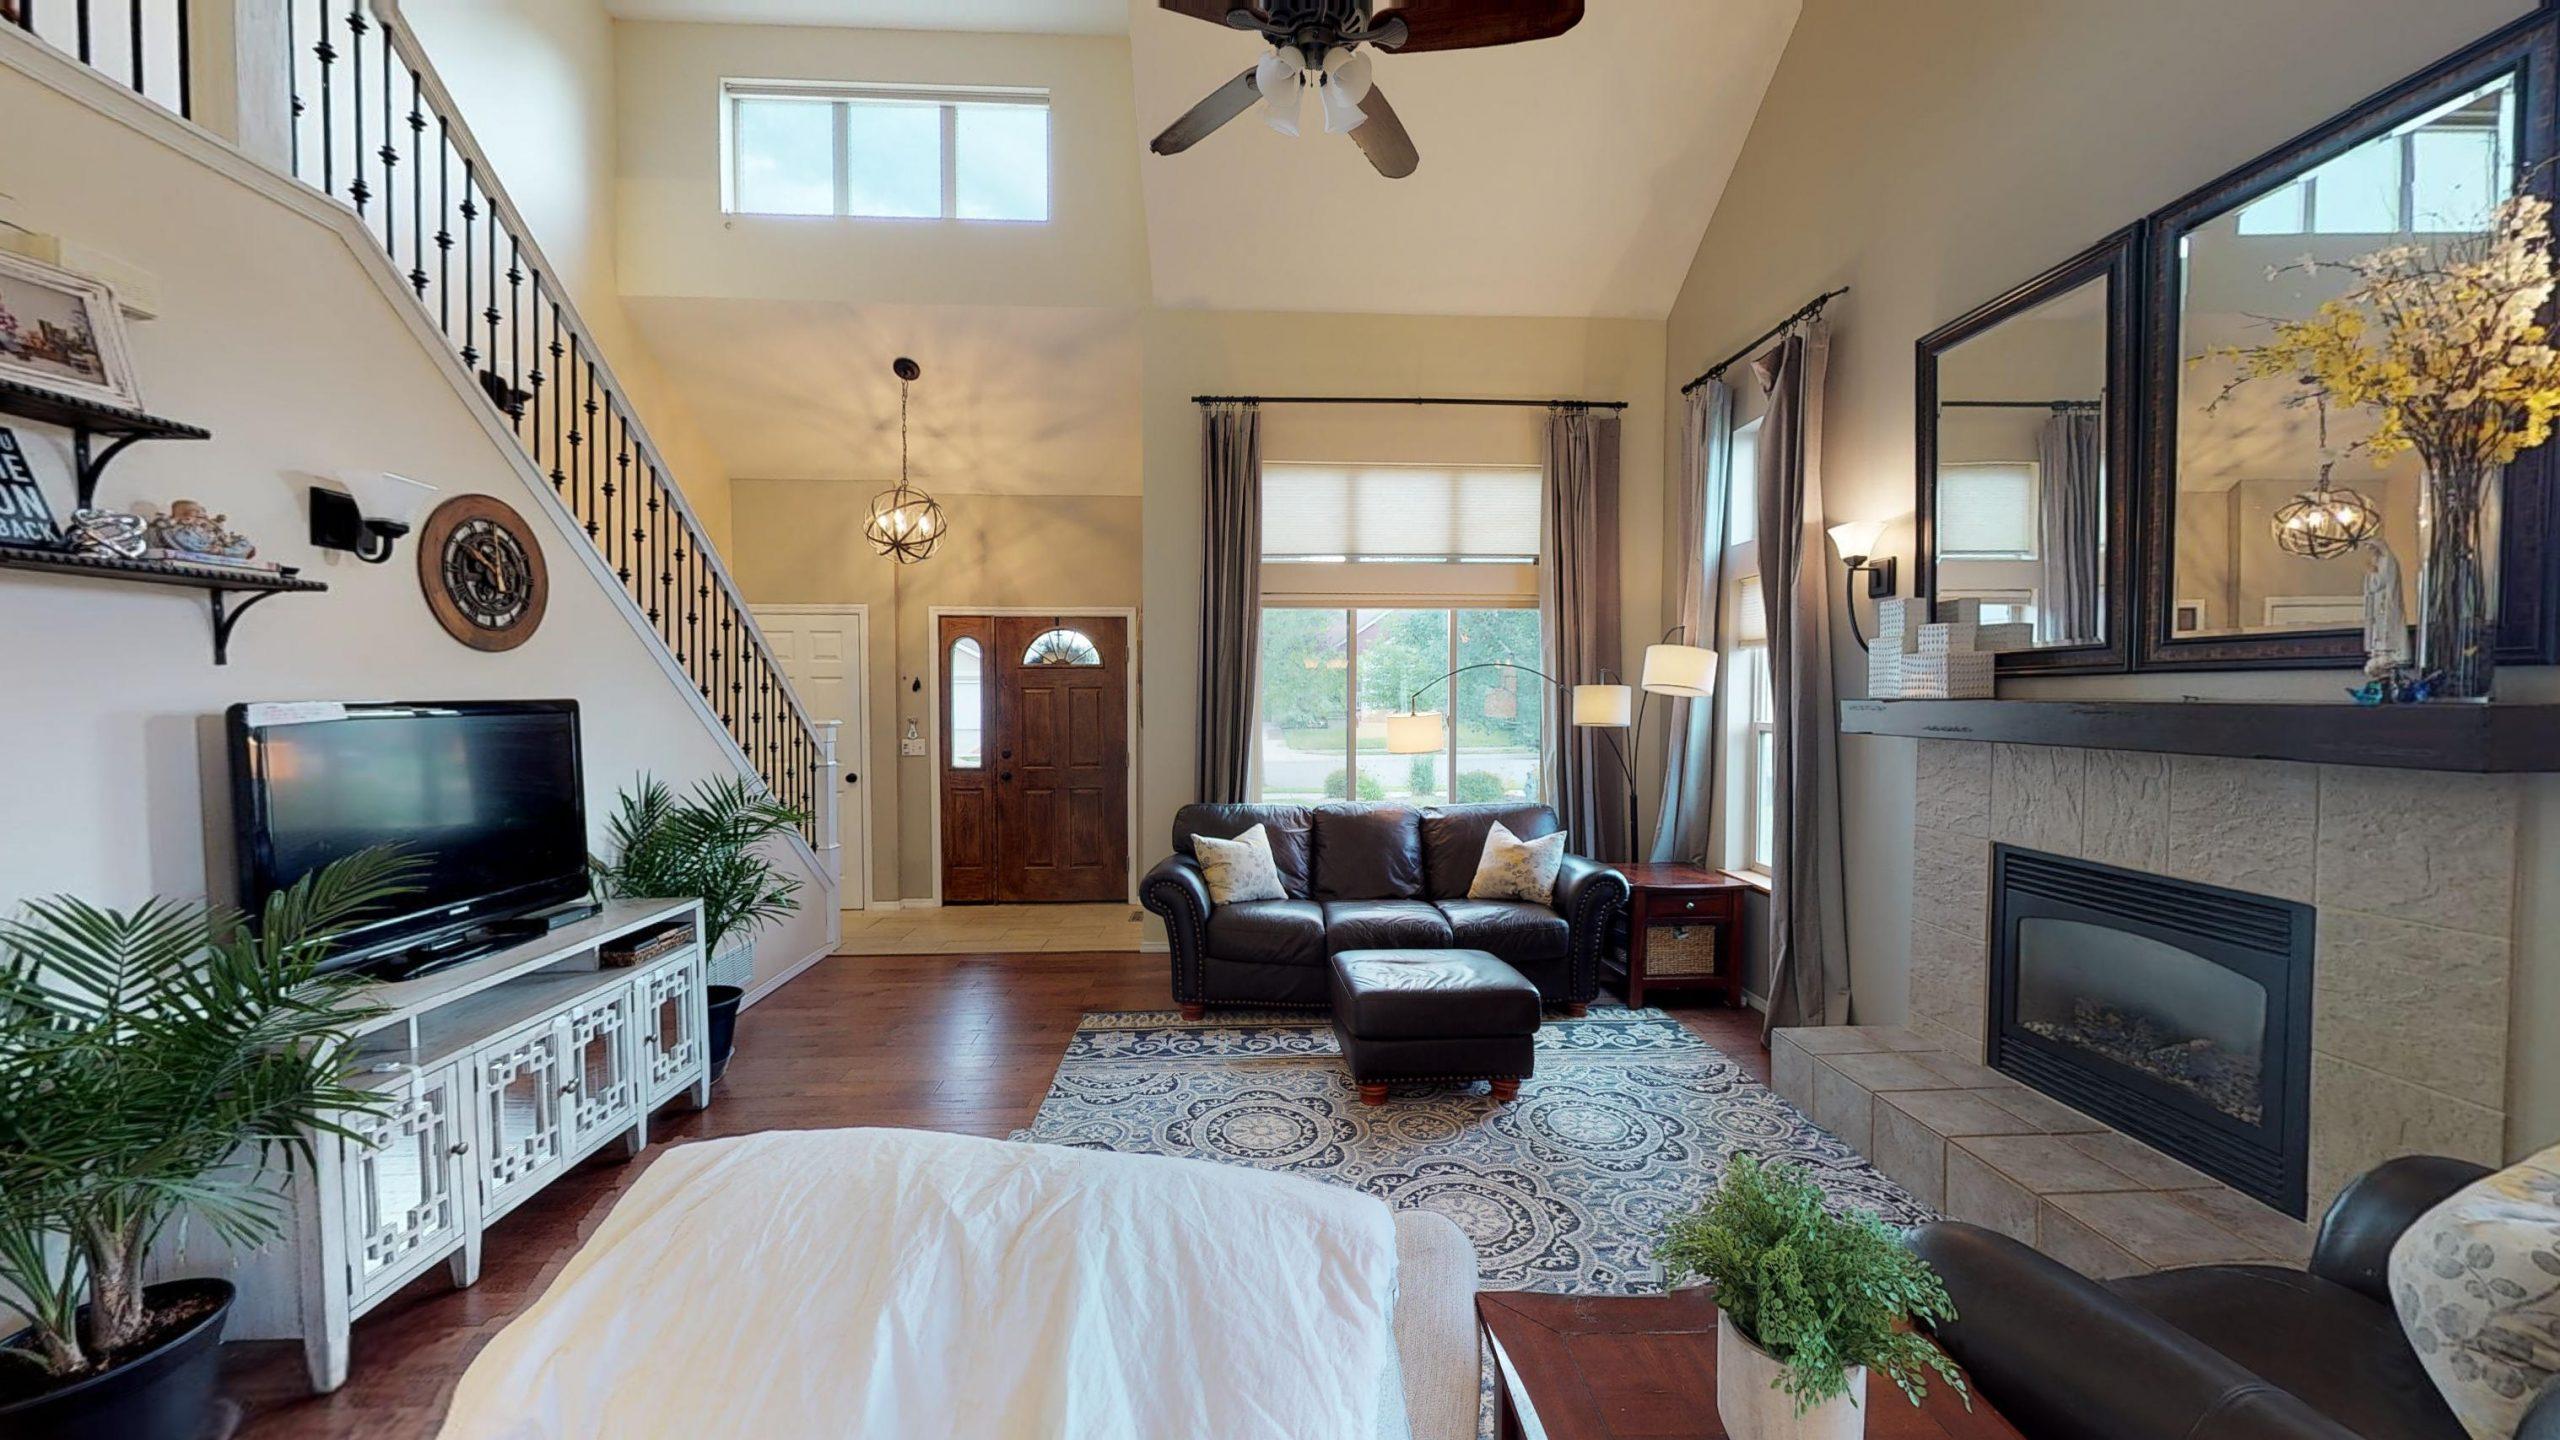 4 Bedroom Home in Northwest Bozeman, MT